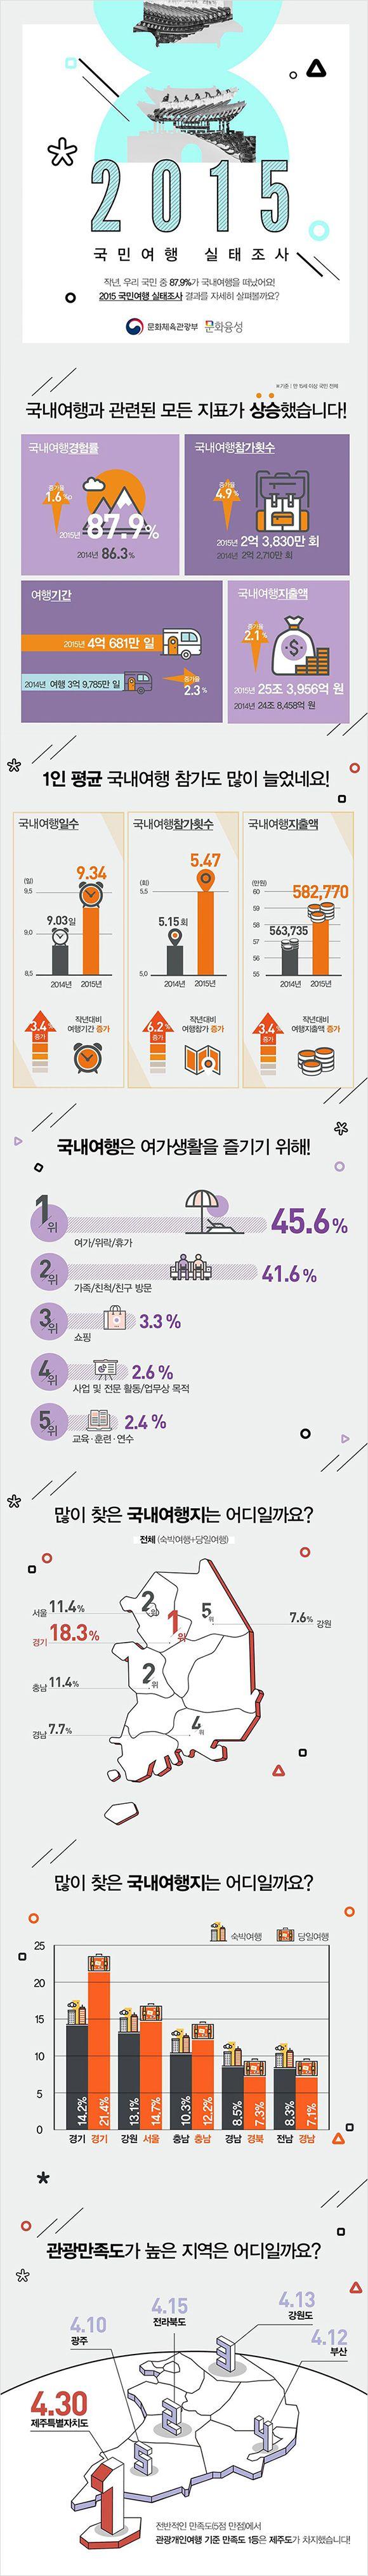 2015년 한 해, 우리나라 국민의 국내 여행 현황은 어땠을까요?  문화체육관광부와 한국문화관광연구원이 함께 진행한 '2015 국민 여행 실태조사' 결과가 인포그래픽으로 소개되었습니다.  내용에 따르면 작년 한 해 동안 우리 국민 중 87.9% 각 국내여행을 다녀올 정도로 국내 여행에 대한 관심은 높아지는 중이라고 하는데요,  더욱 자세한 내용은 인포그래픽을 통해 알아보겠습니다.